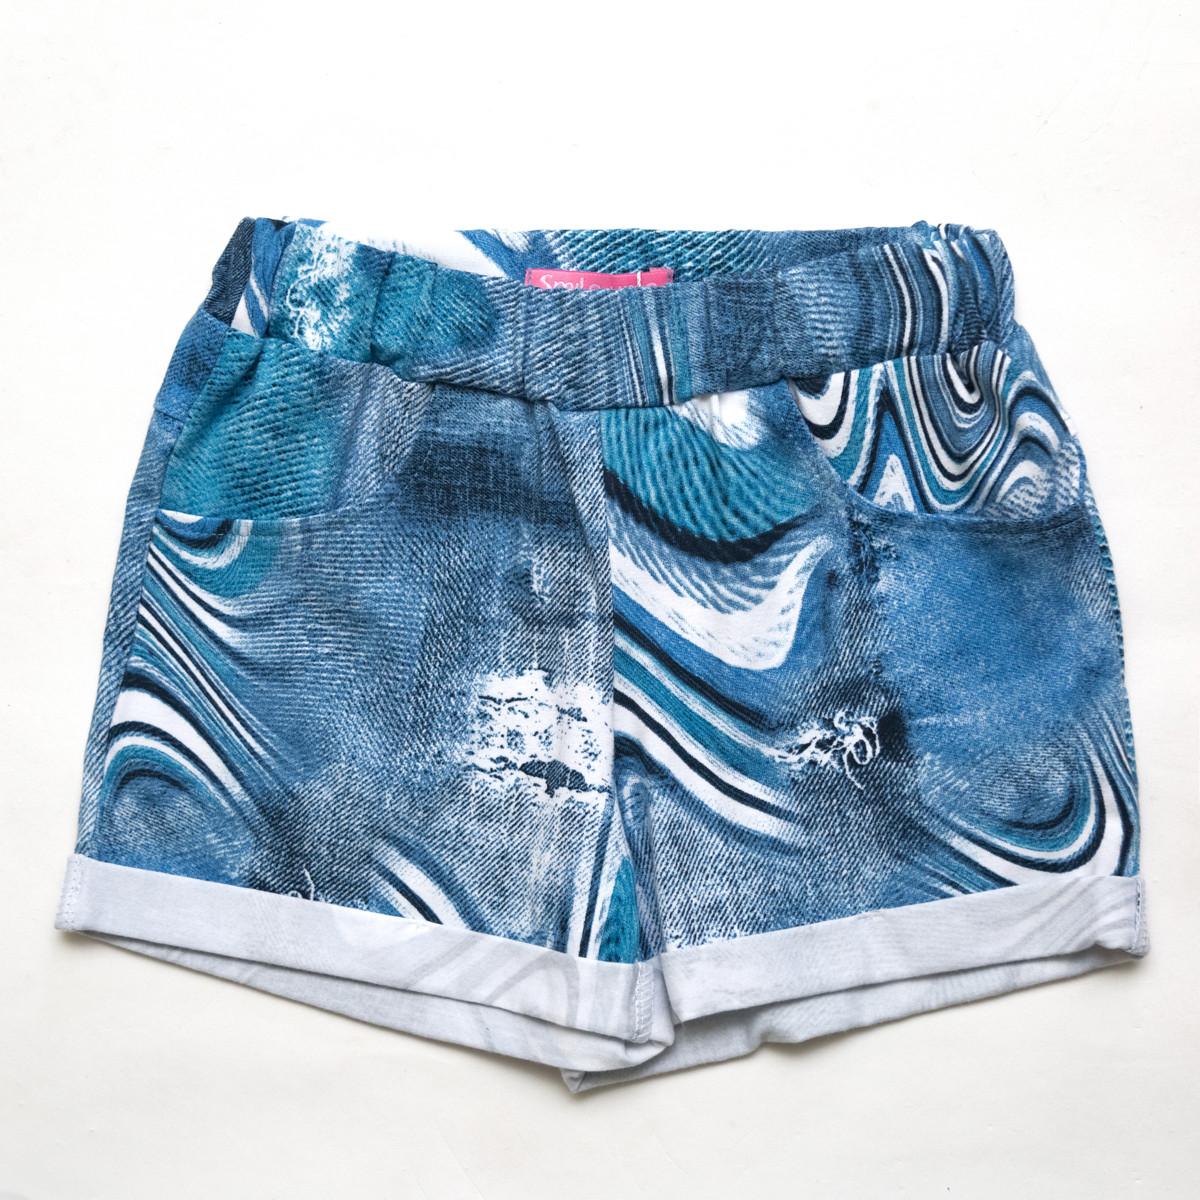 Шорты трикотажные р.128 для девочки SmileTime Blue Jeans, джинс